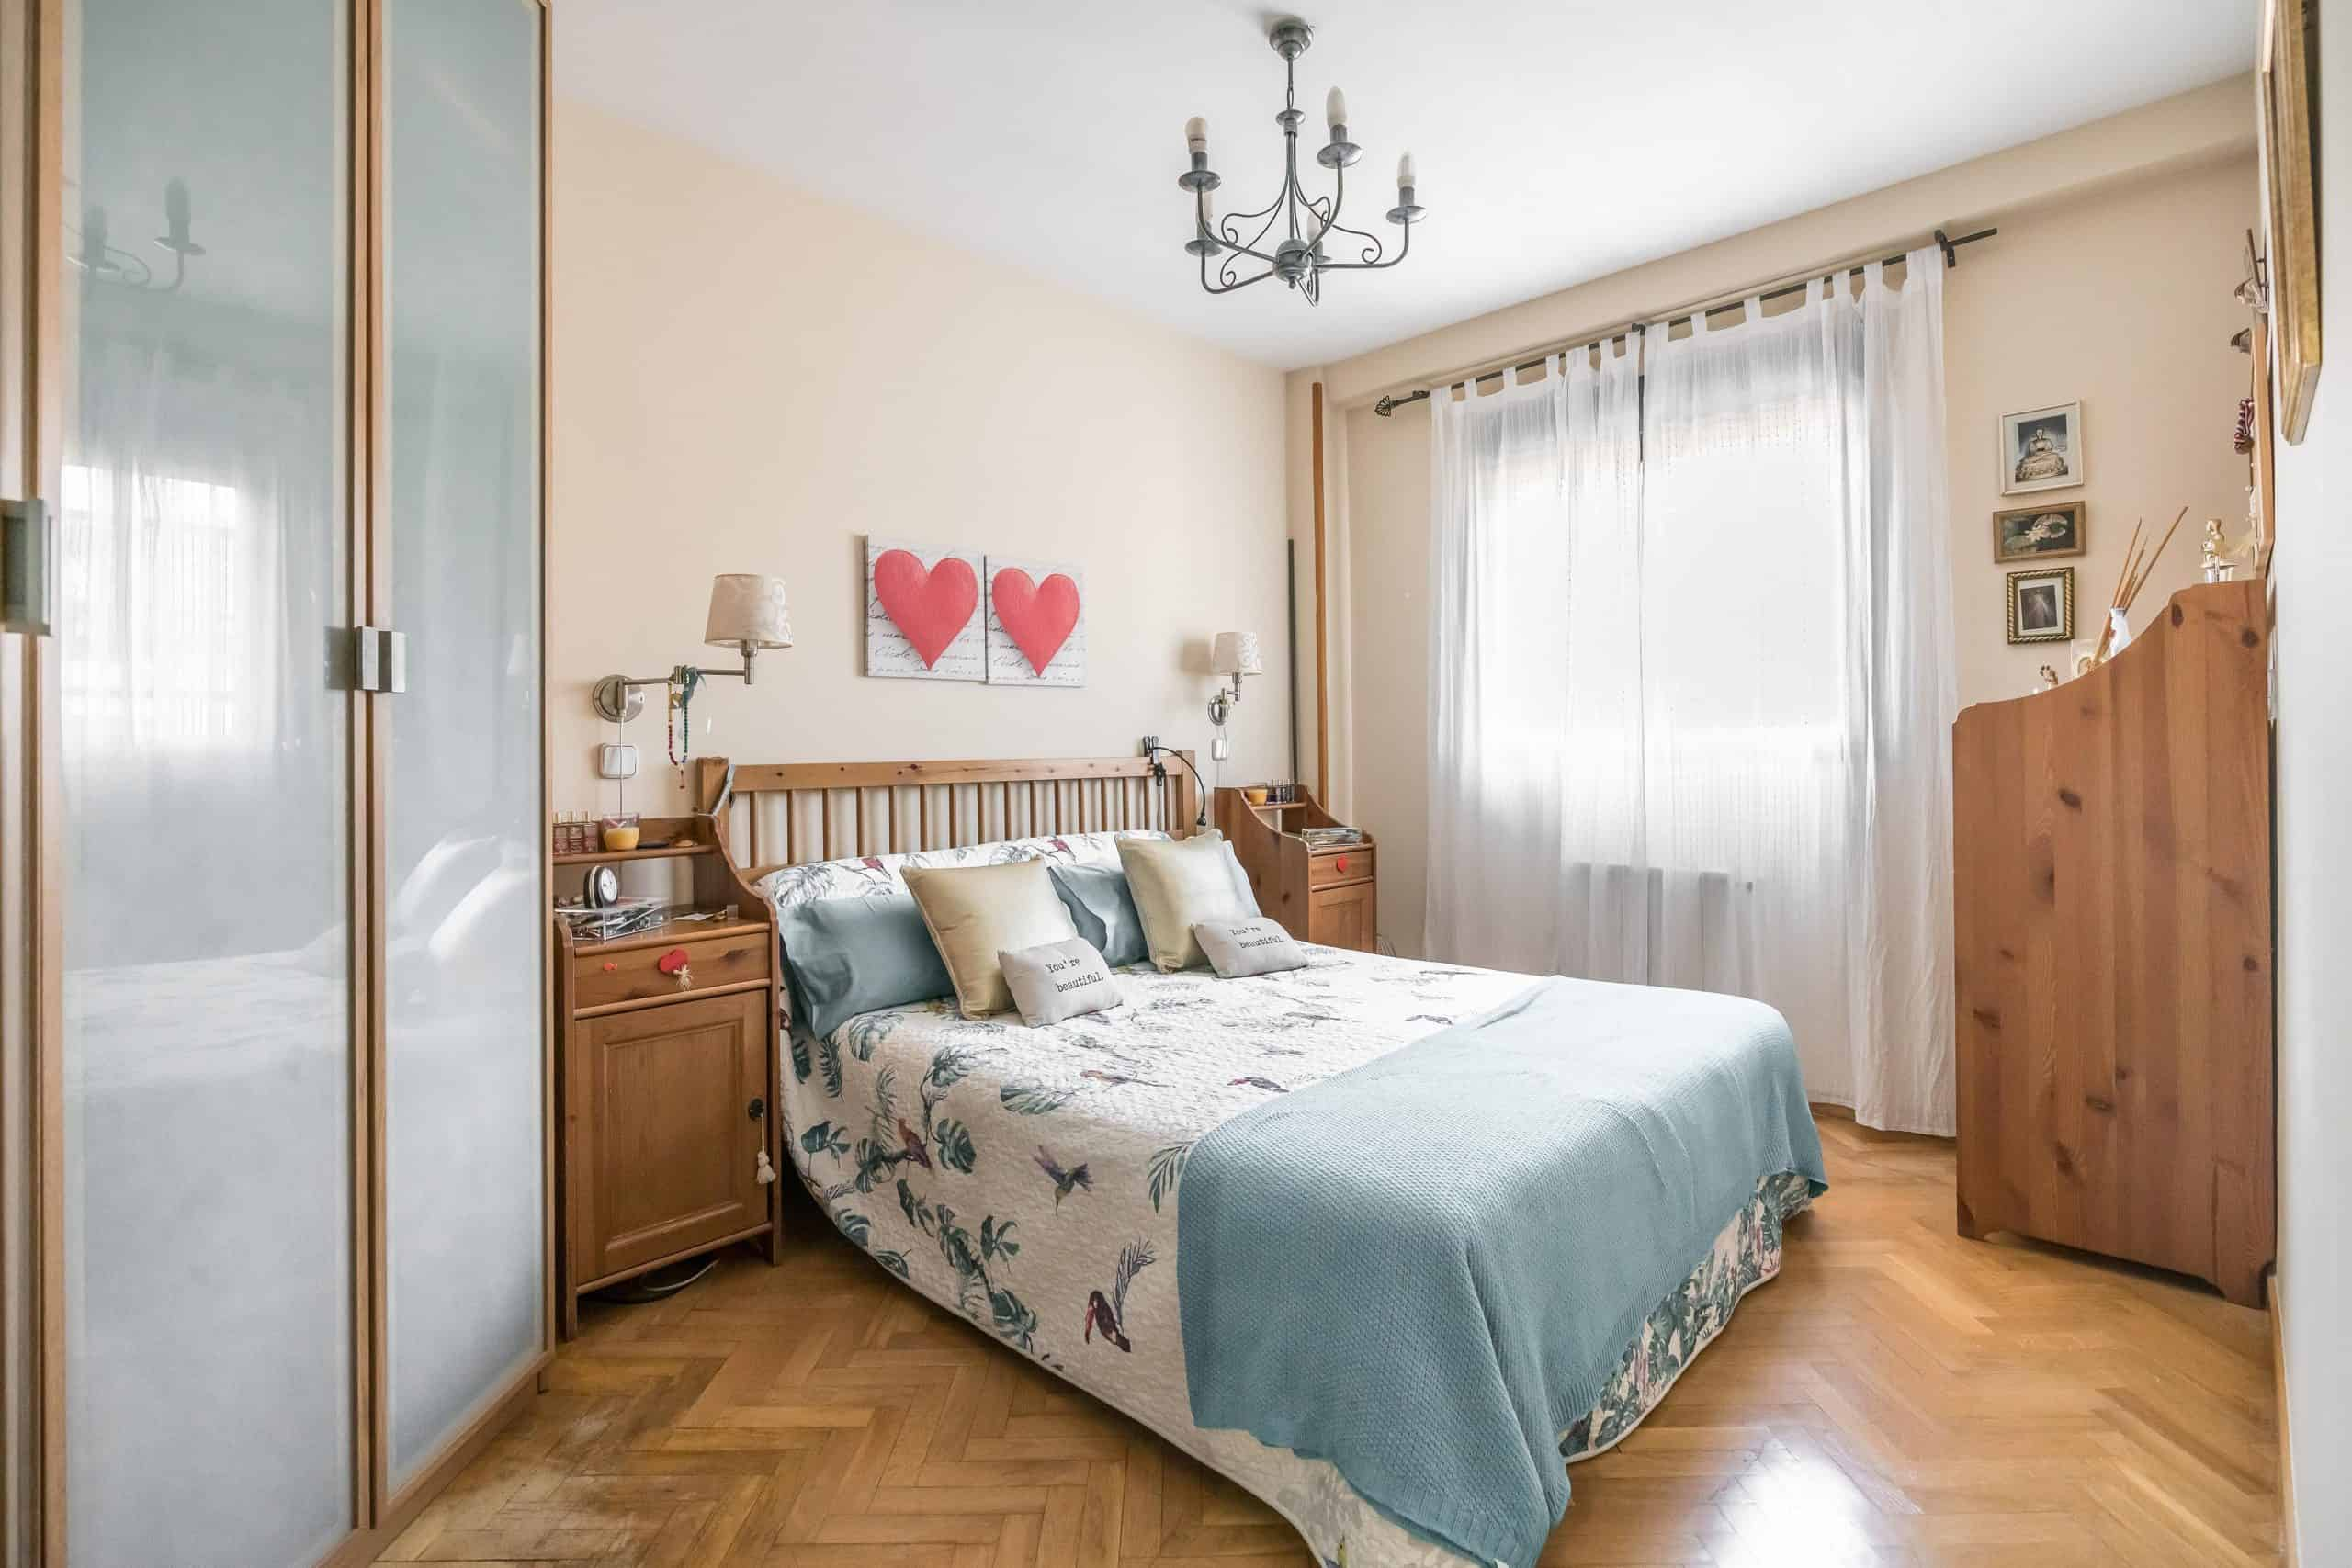 Agencia Inmobiliaria de Madrid-FUTUROCASA-Zona ARGANZUELA-EMBAJADORES-LEGAZPI2 DORMITORIO 1 (1)